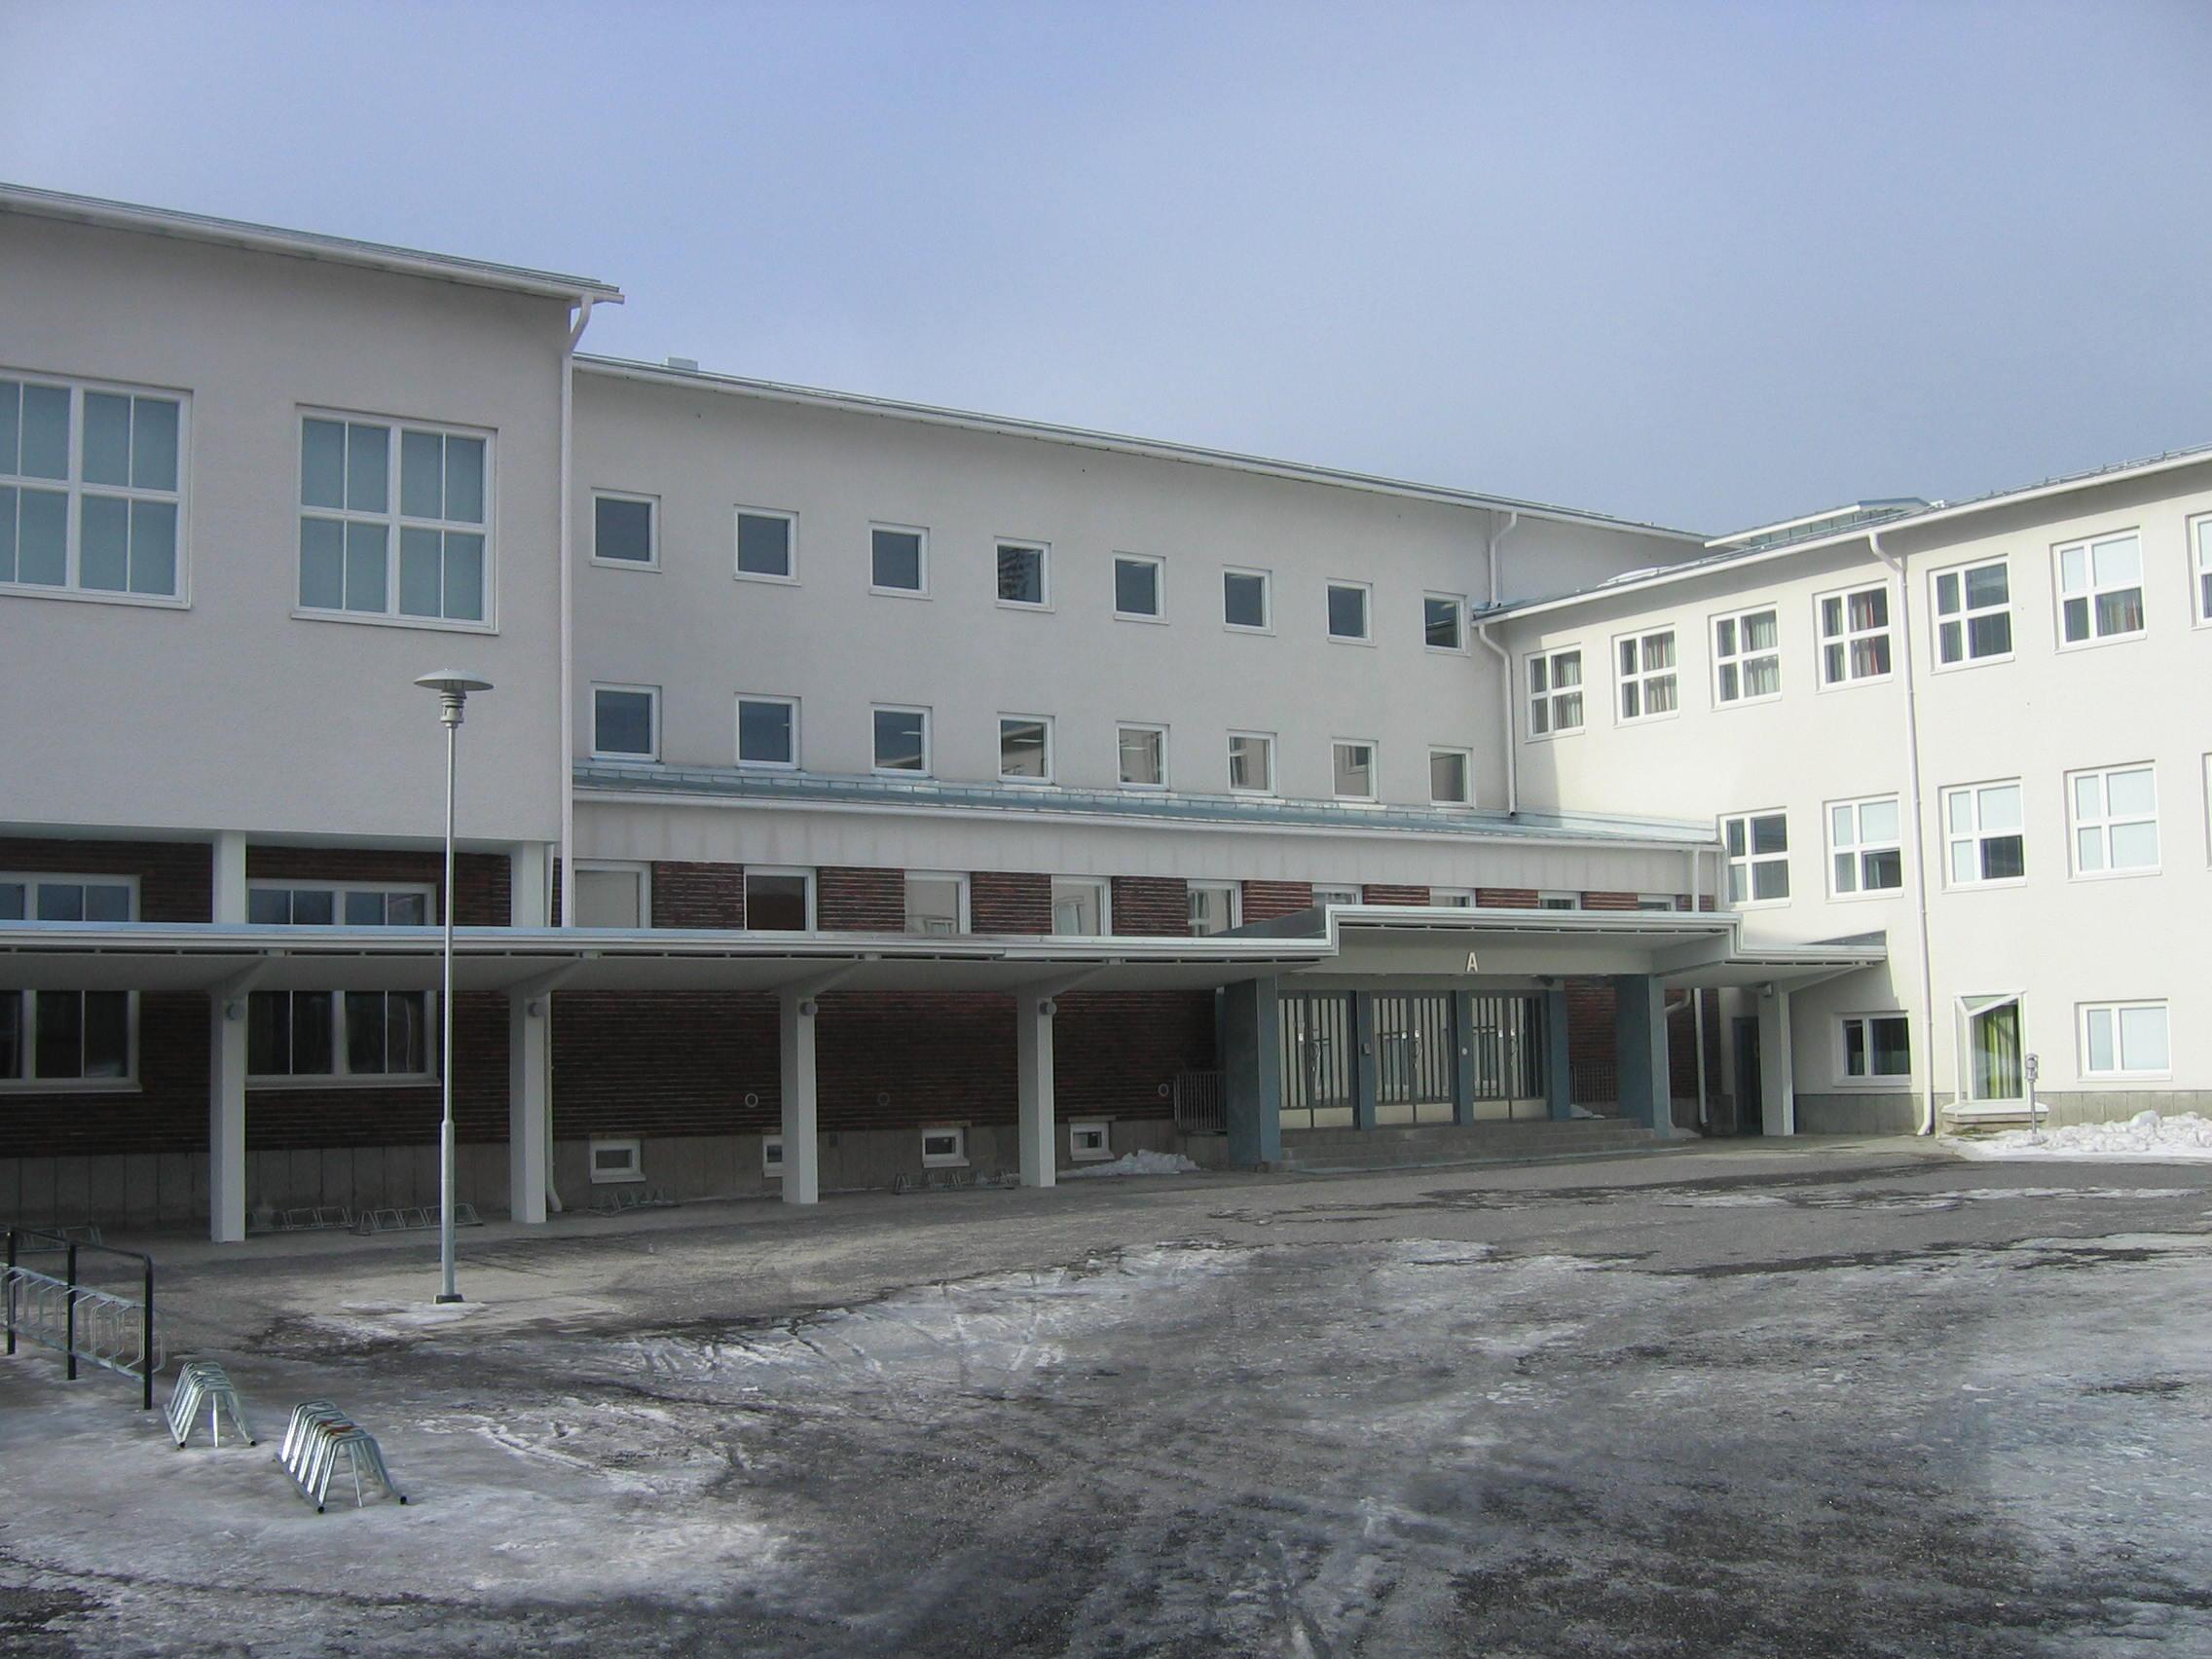 File:Oulu University of Applied Sciences.JPG - Wikimedia Commons